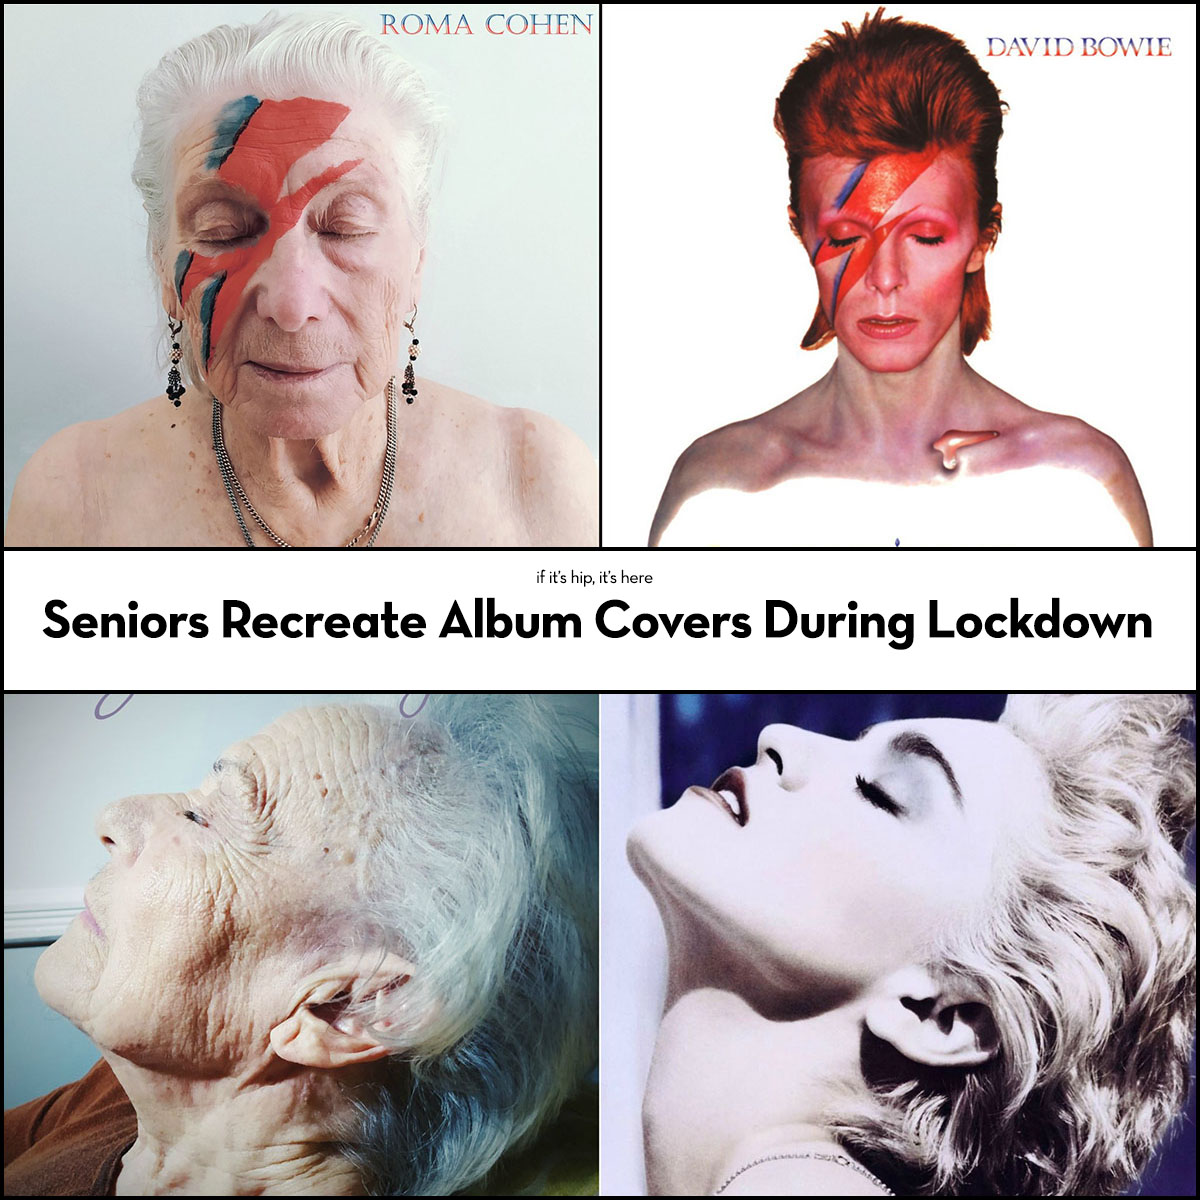 Seniors recreate album covers during lockdown